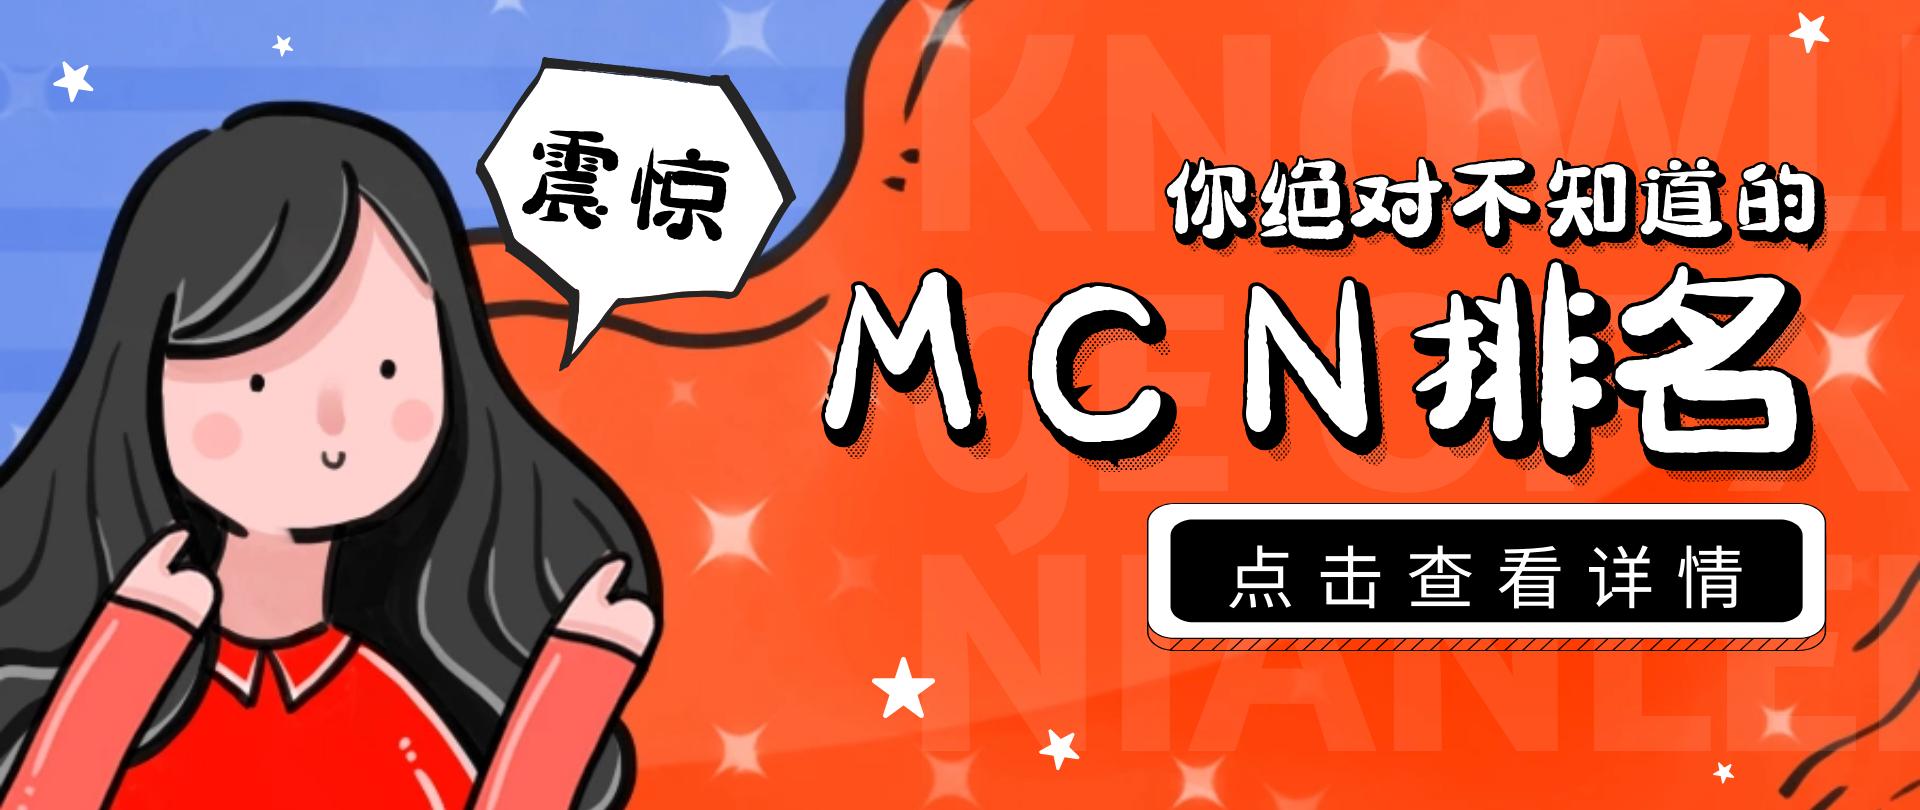 mcn排名